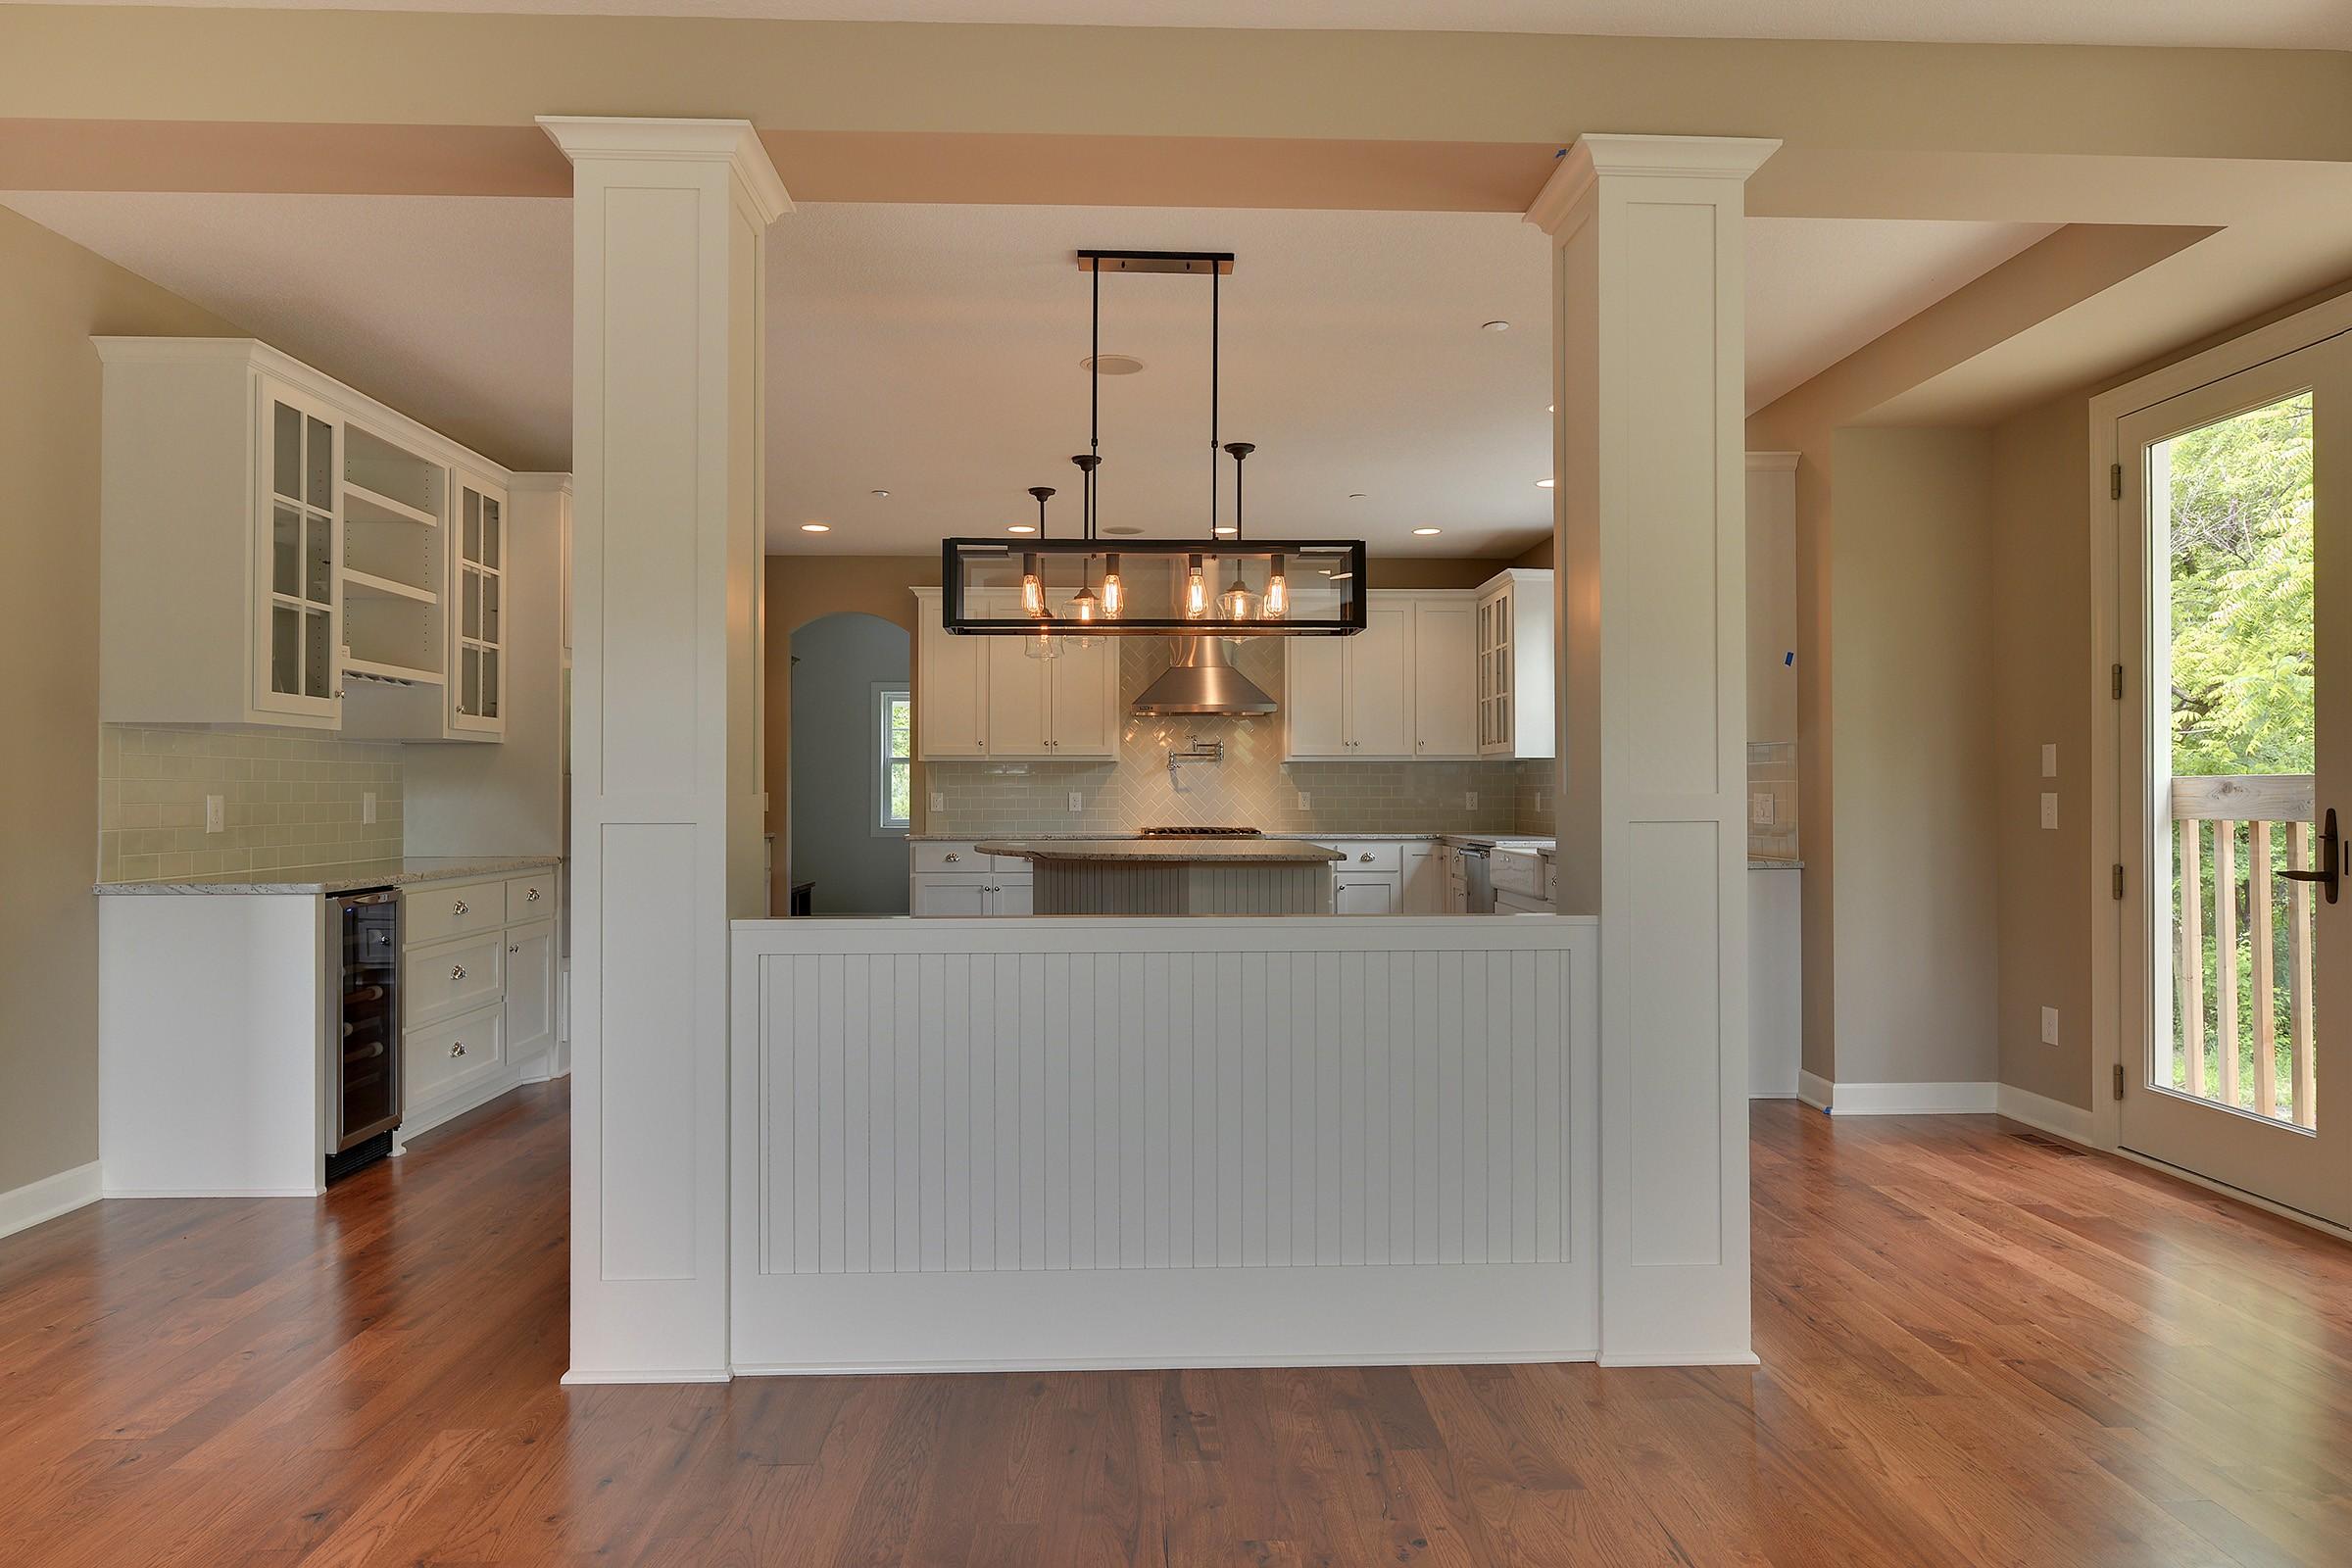 Kitchen Divider Wall.jpg